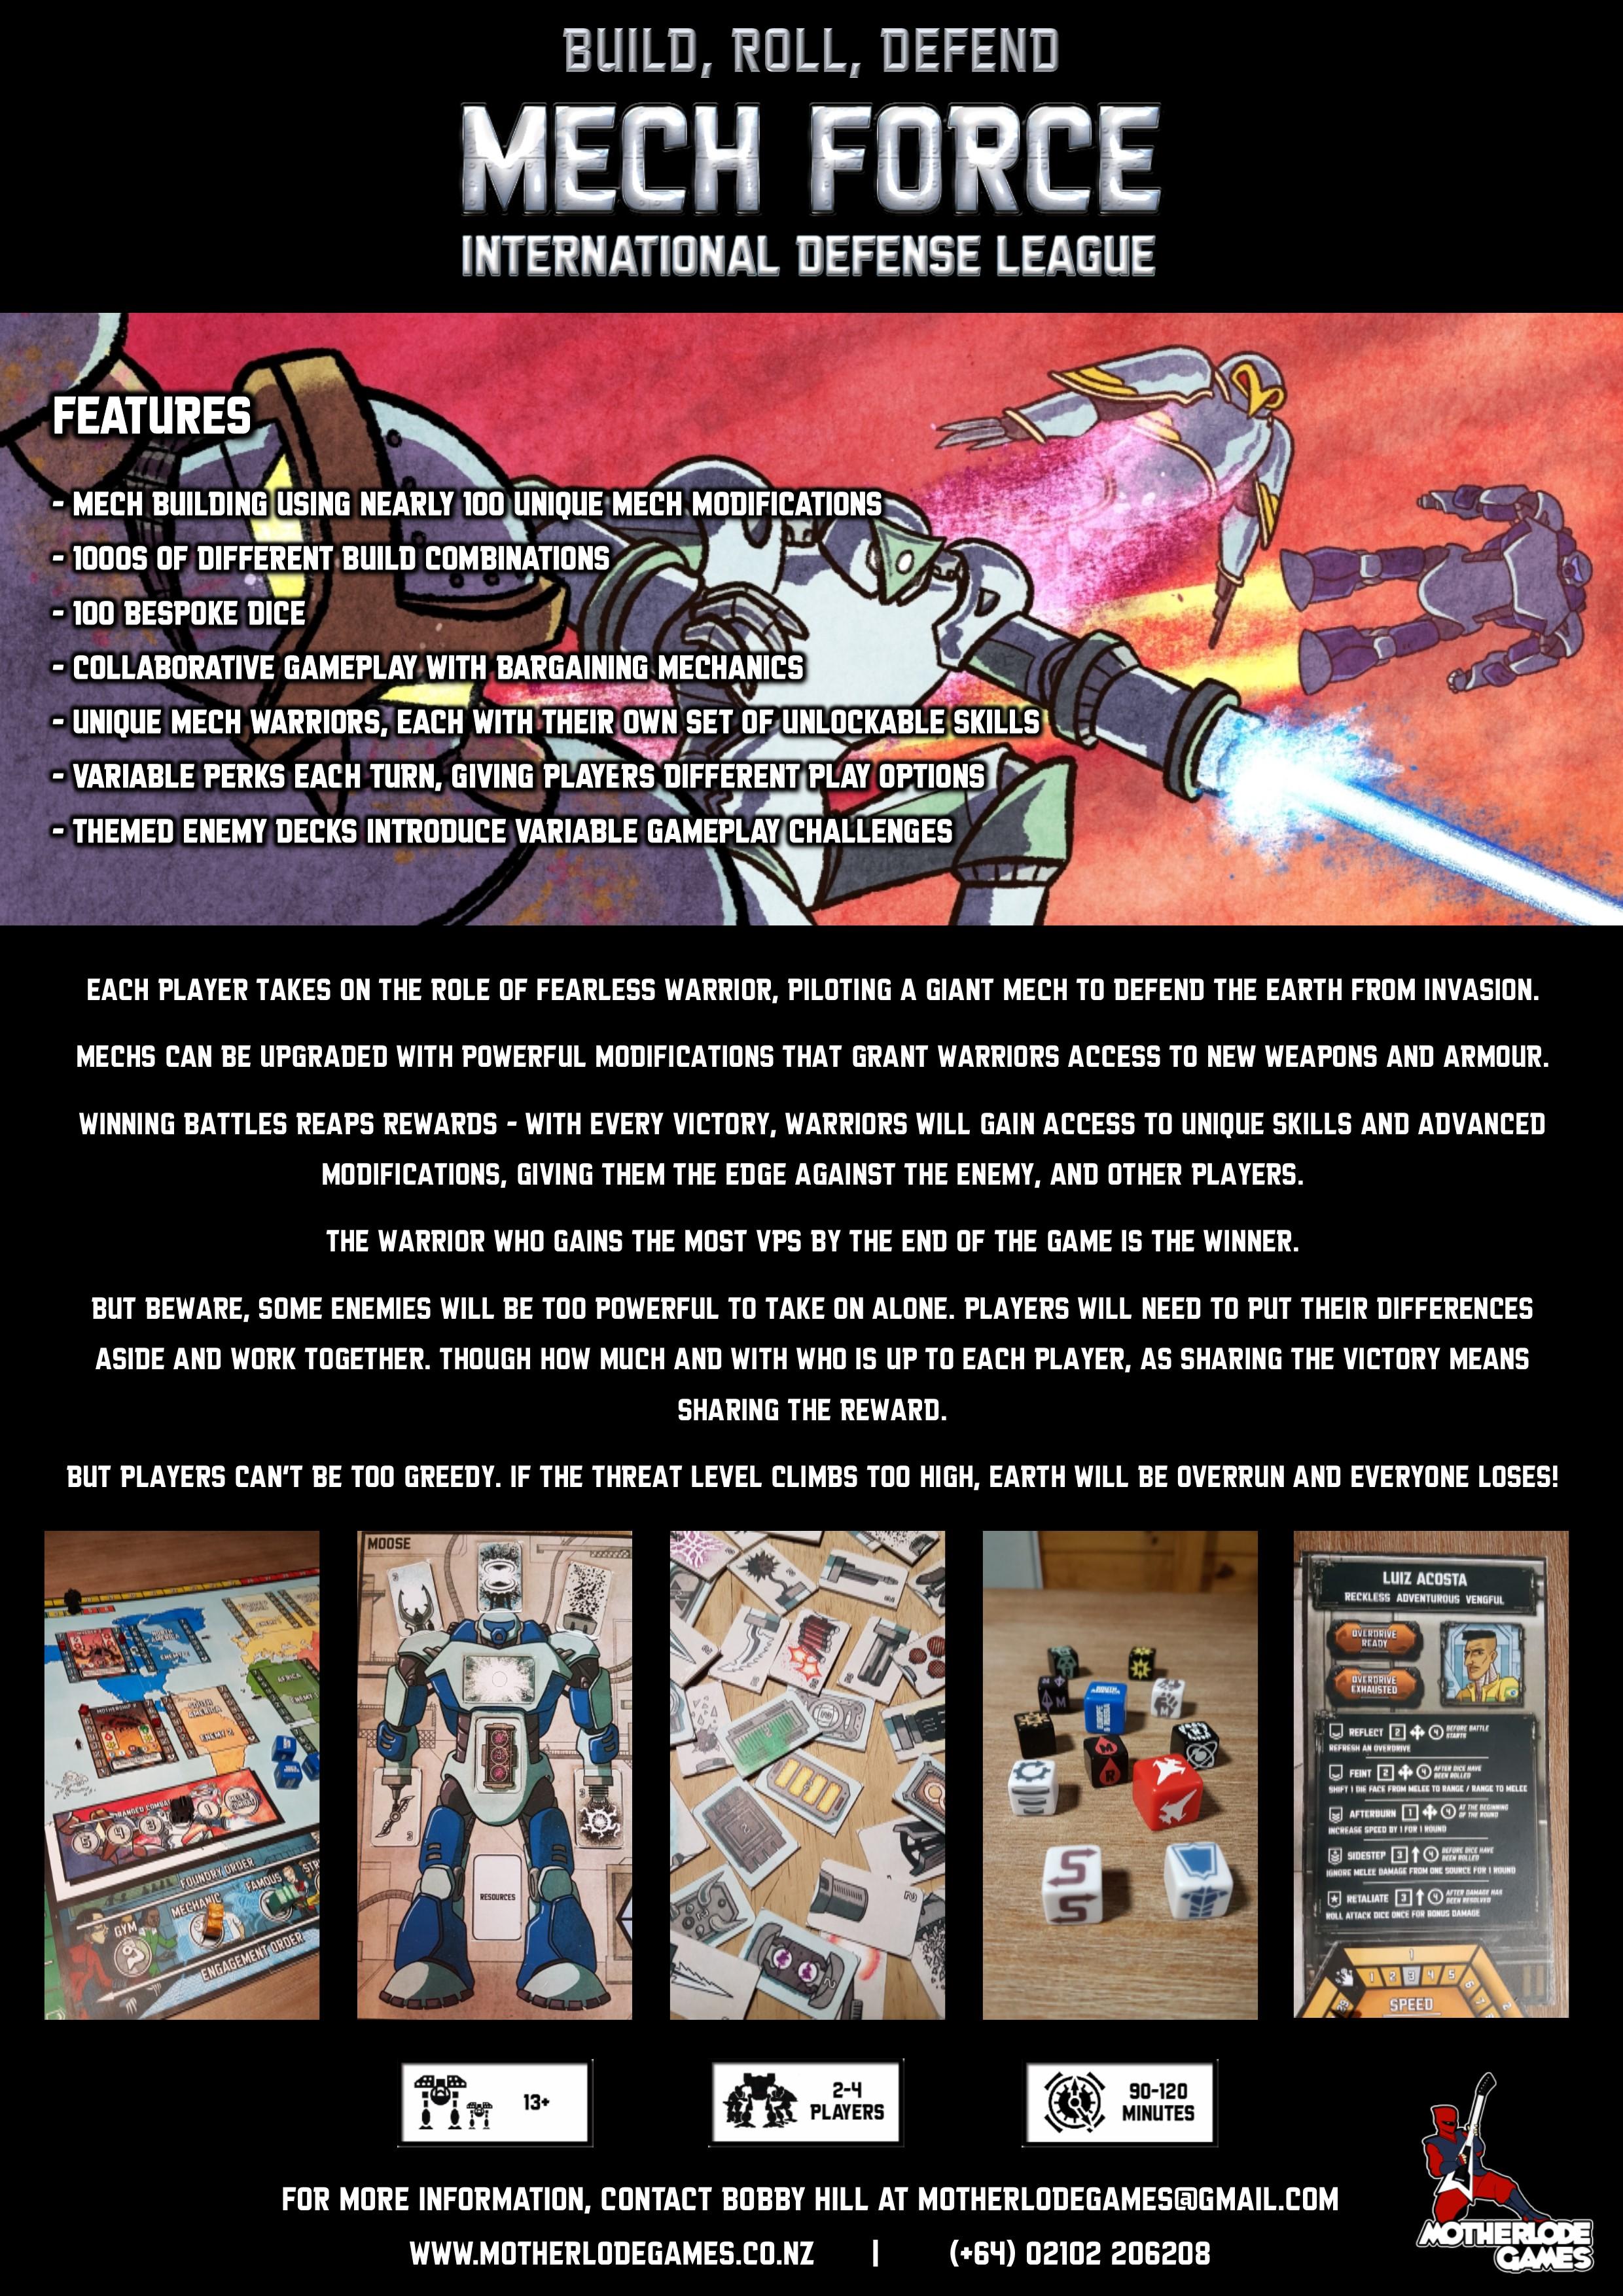 Mech Force Sell Sheet.jpg